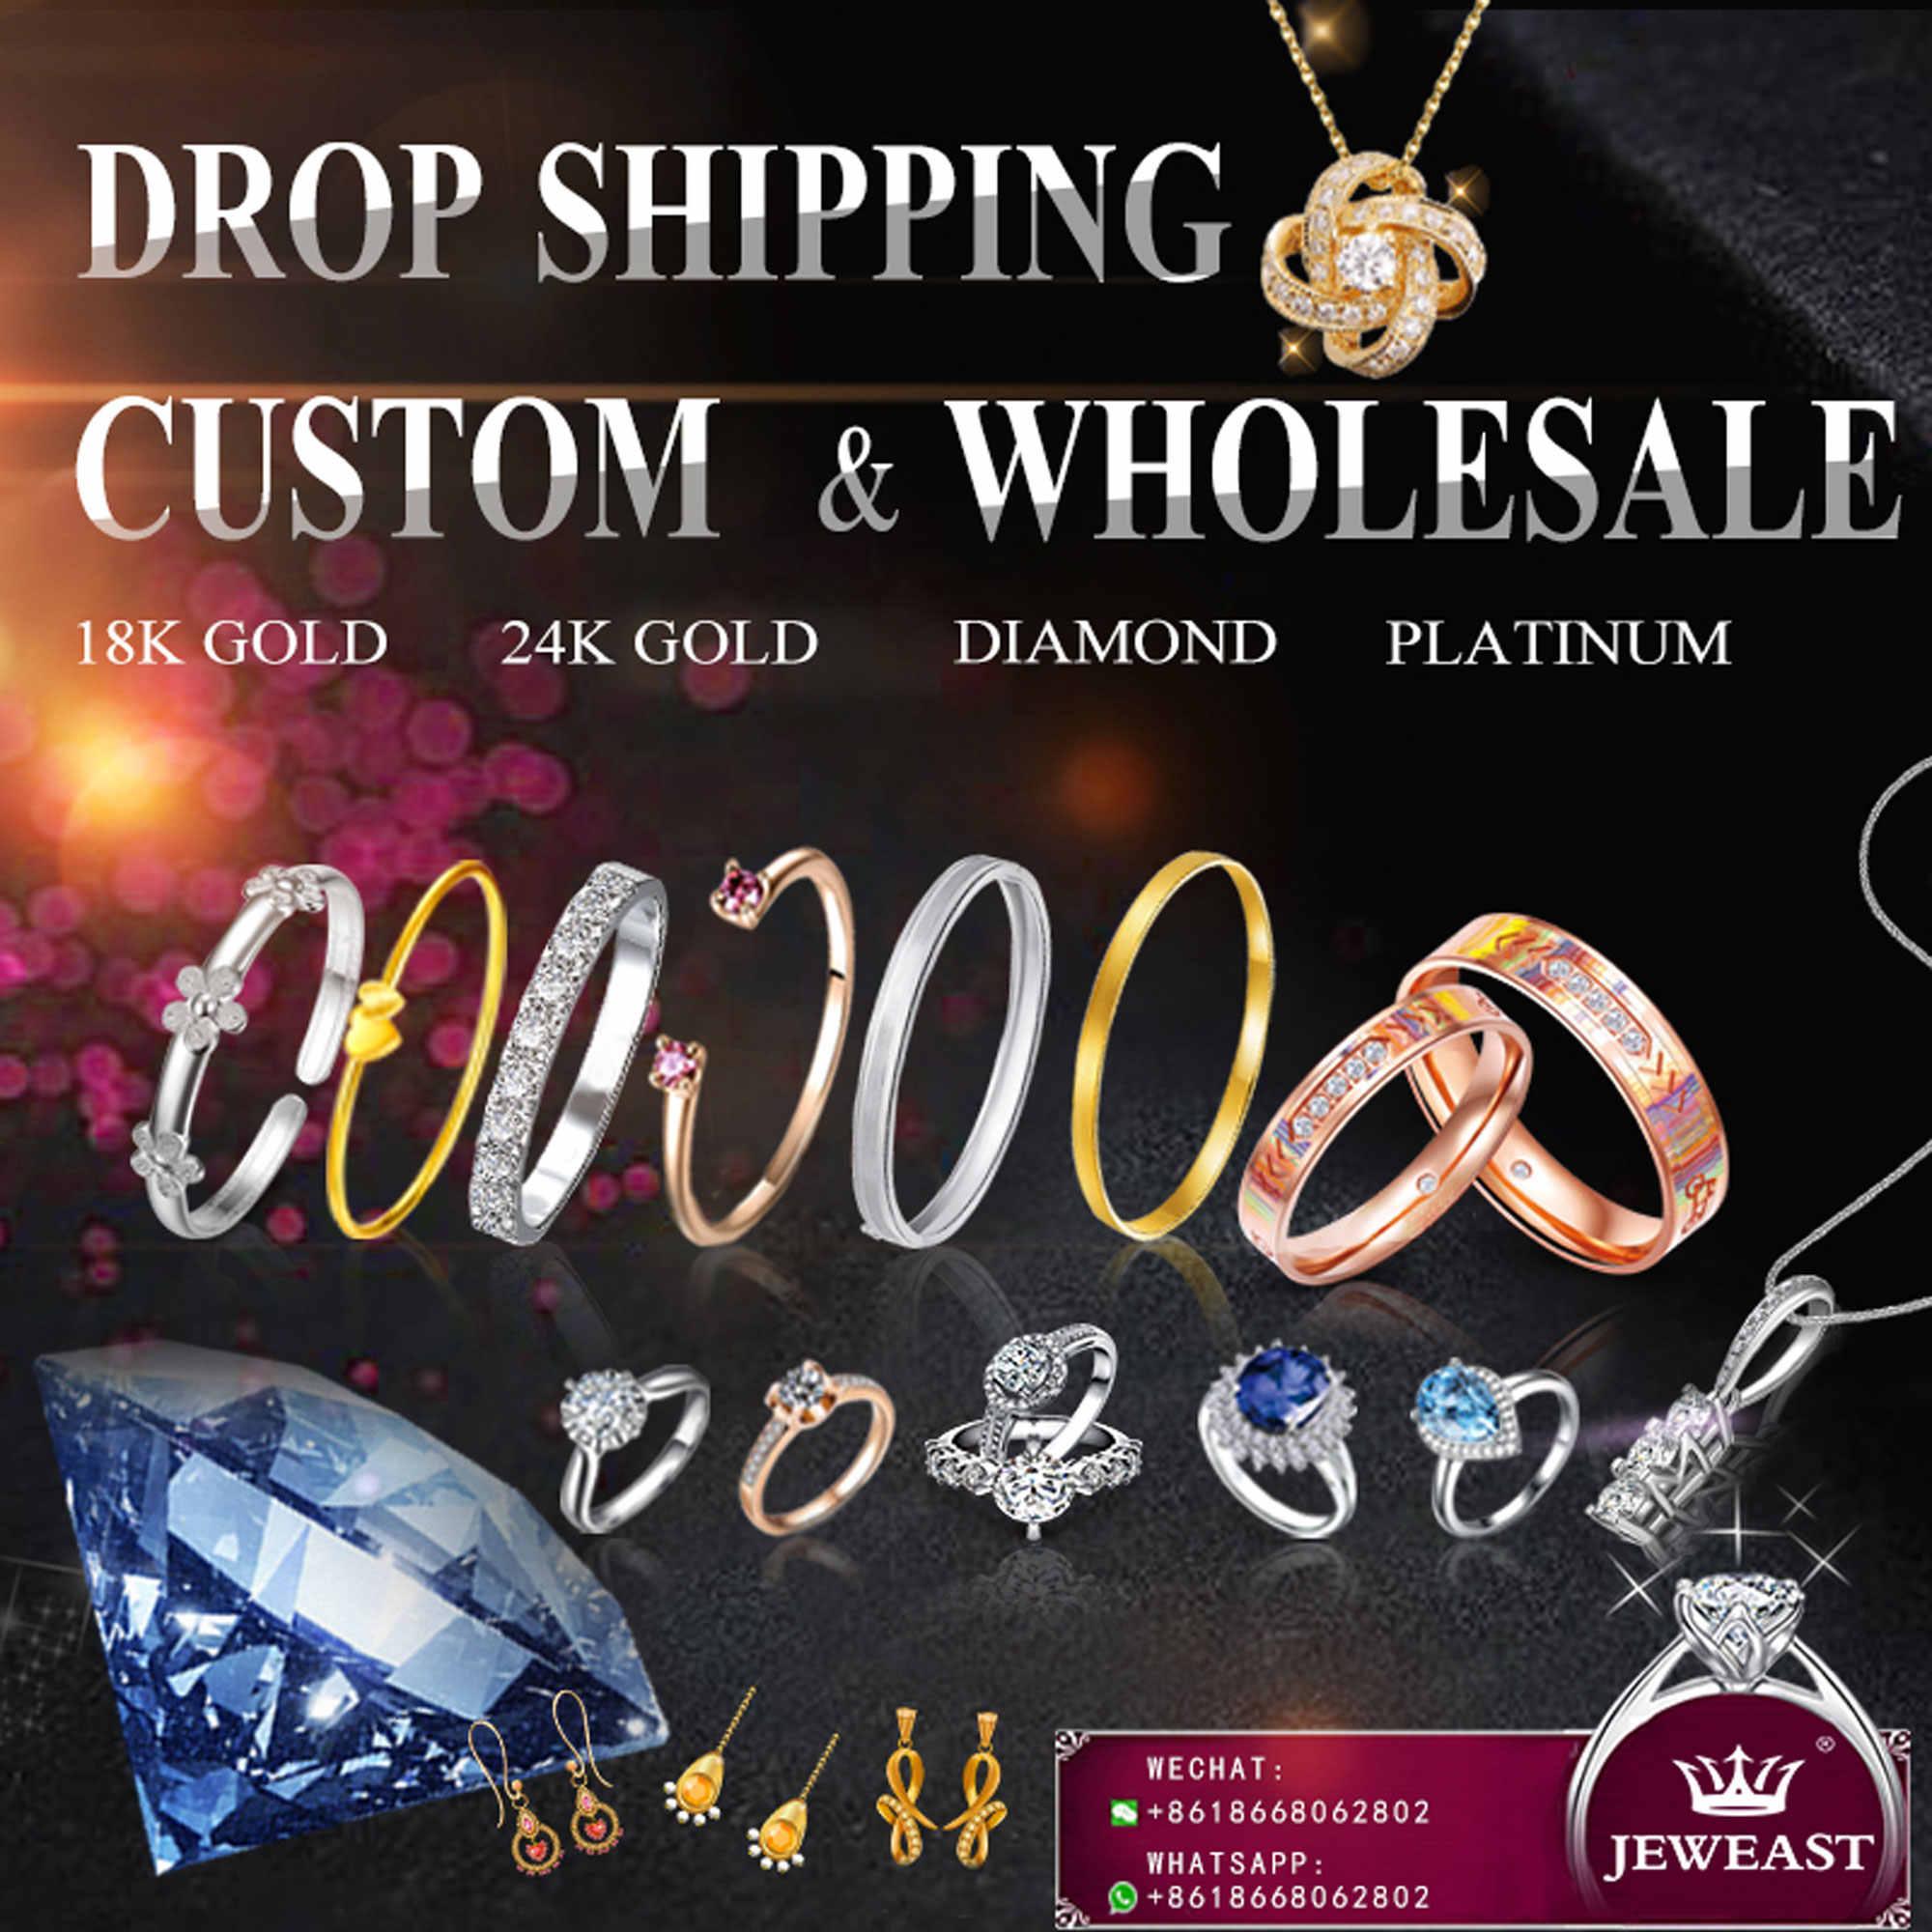 18k puro ouro anel rosa branco unisex homem mulher amante casamento noivado jóias finas menina miss presente 2017 venda quente customizável